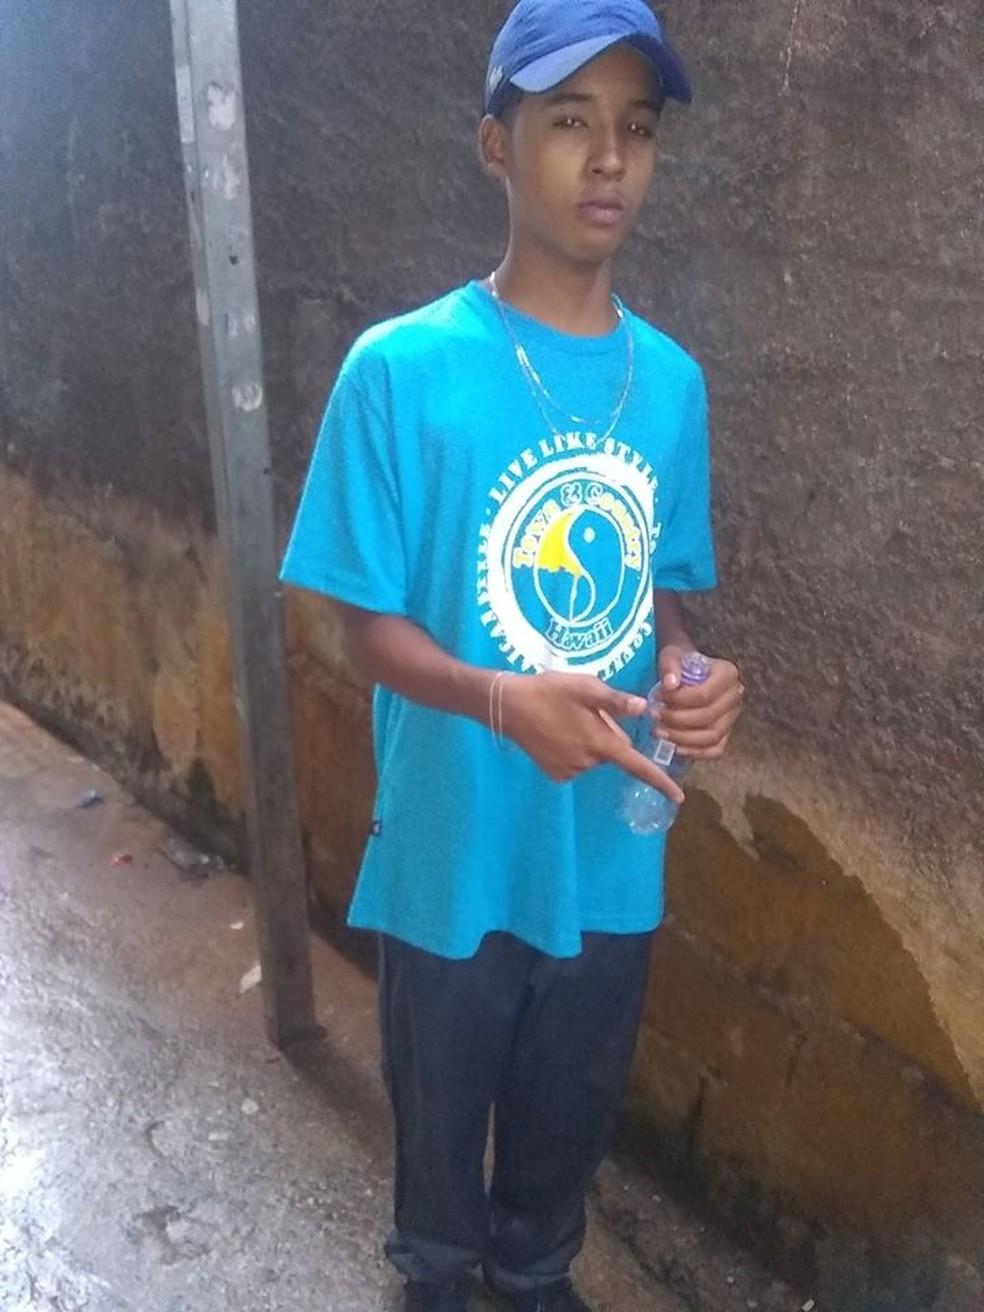 Gustavo Cruz Xavier, 14 anos, é uma das vítimas da ação da PM em Paraisópolis — Foto: Arquivo Pessoal/Redes sociais